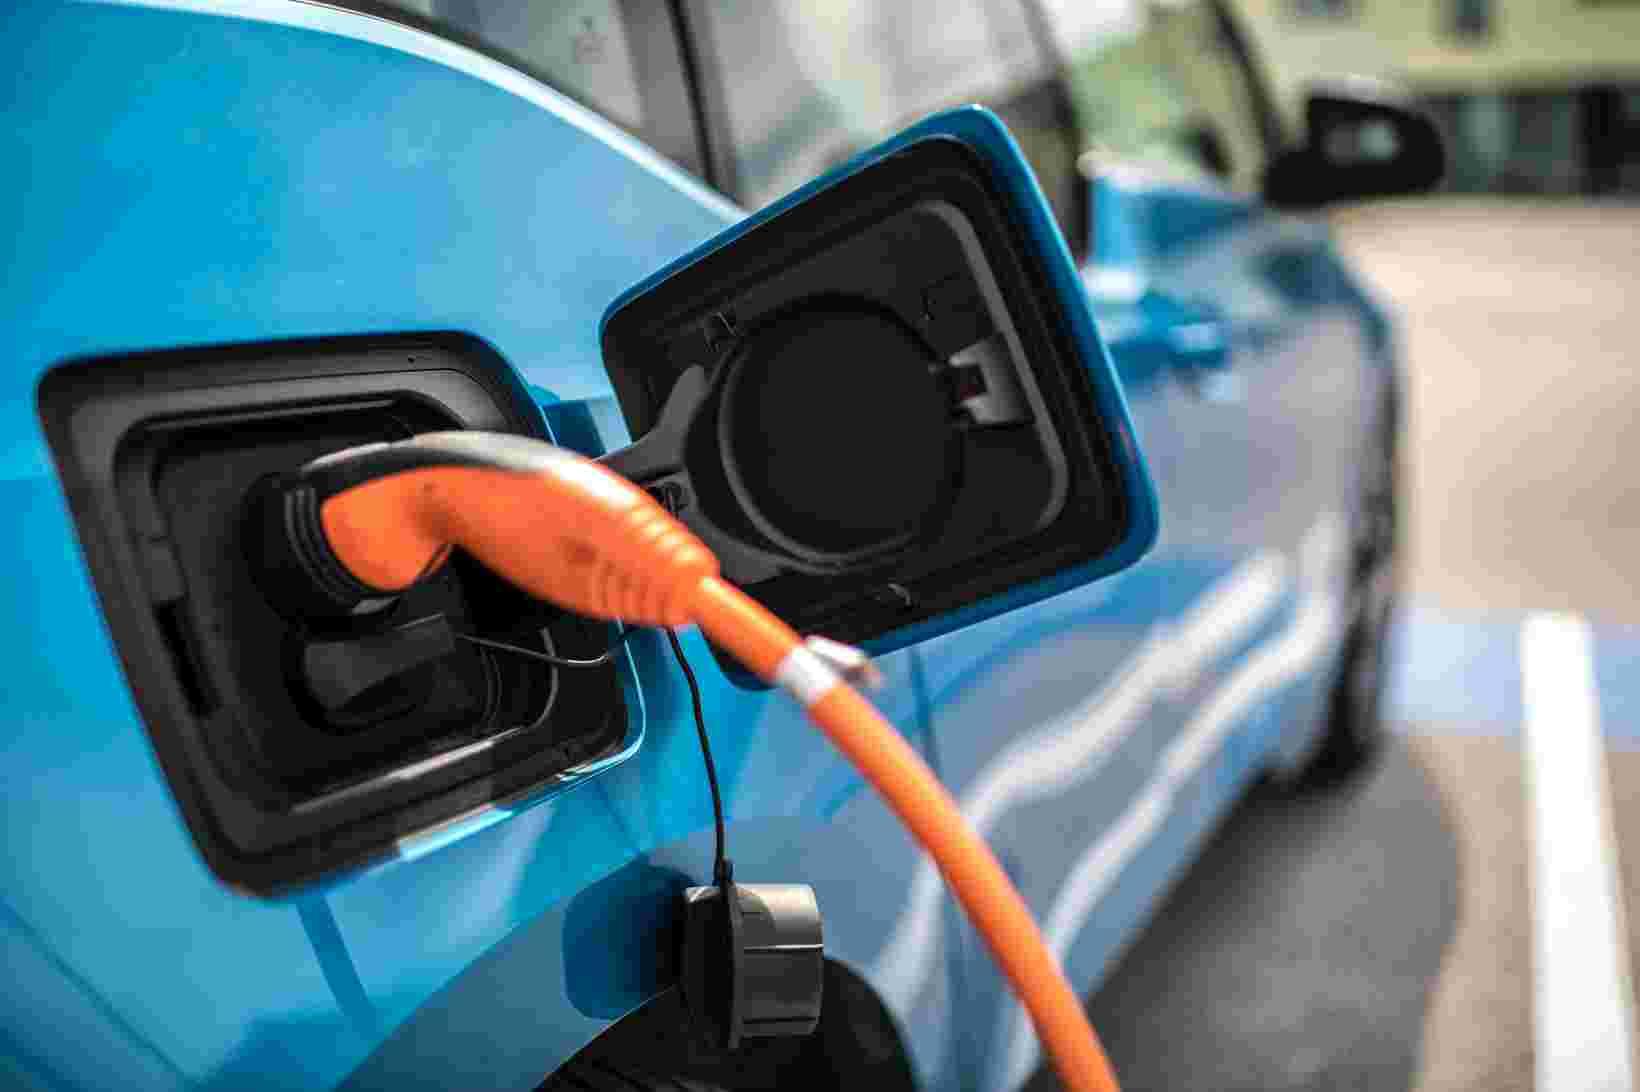 松下考虑在挪威新建电池厂生产电池